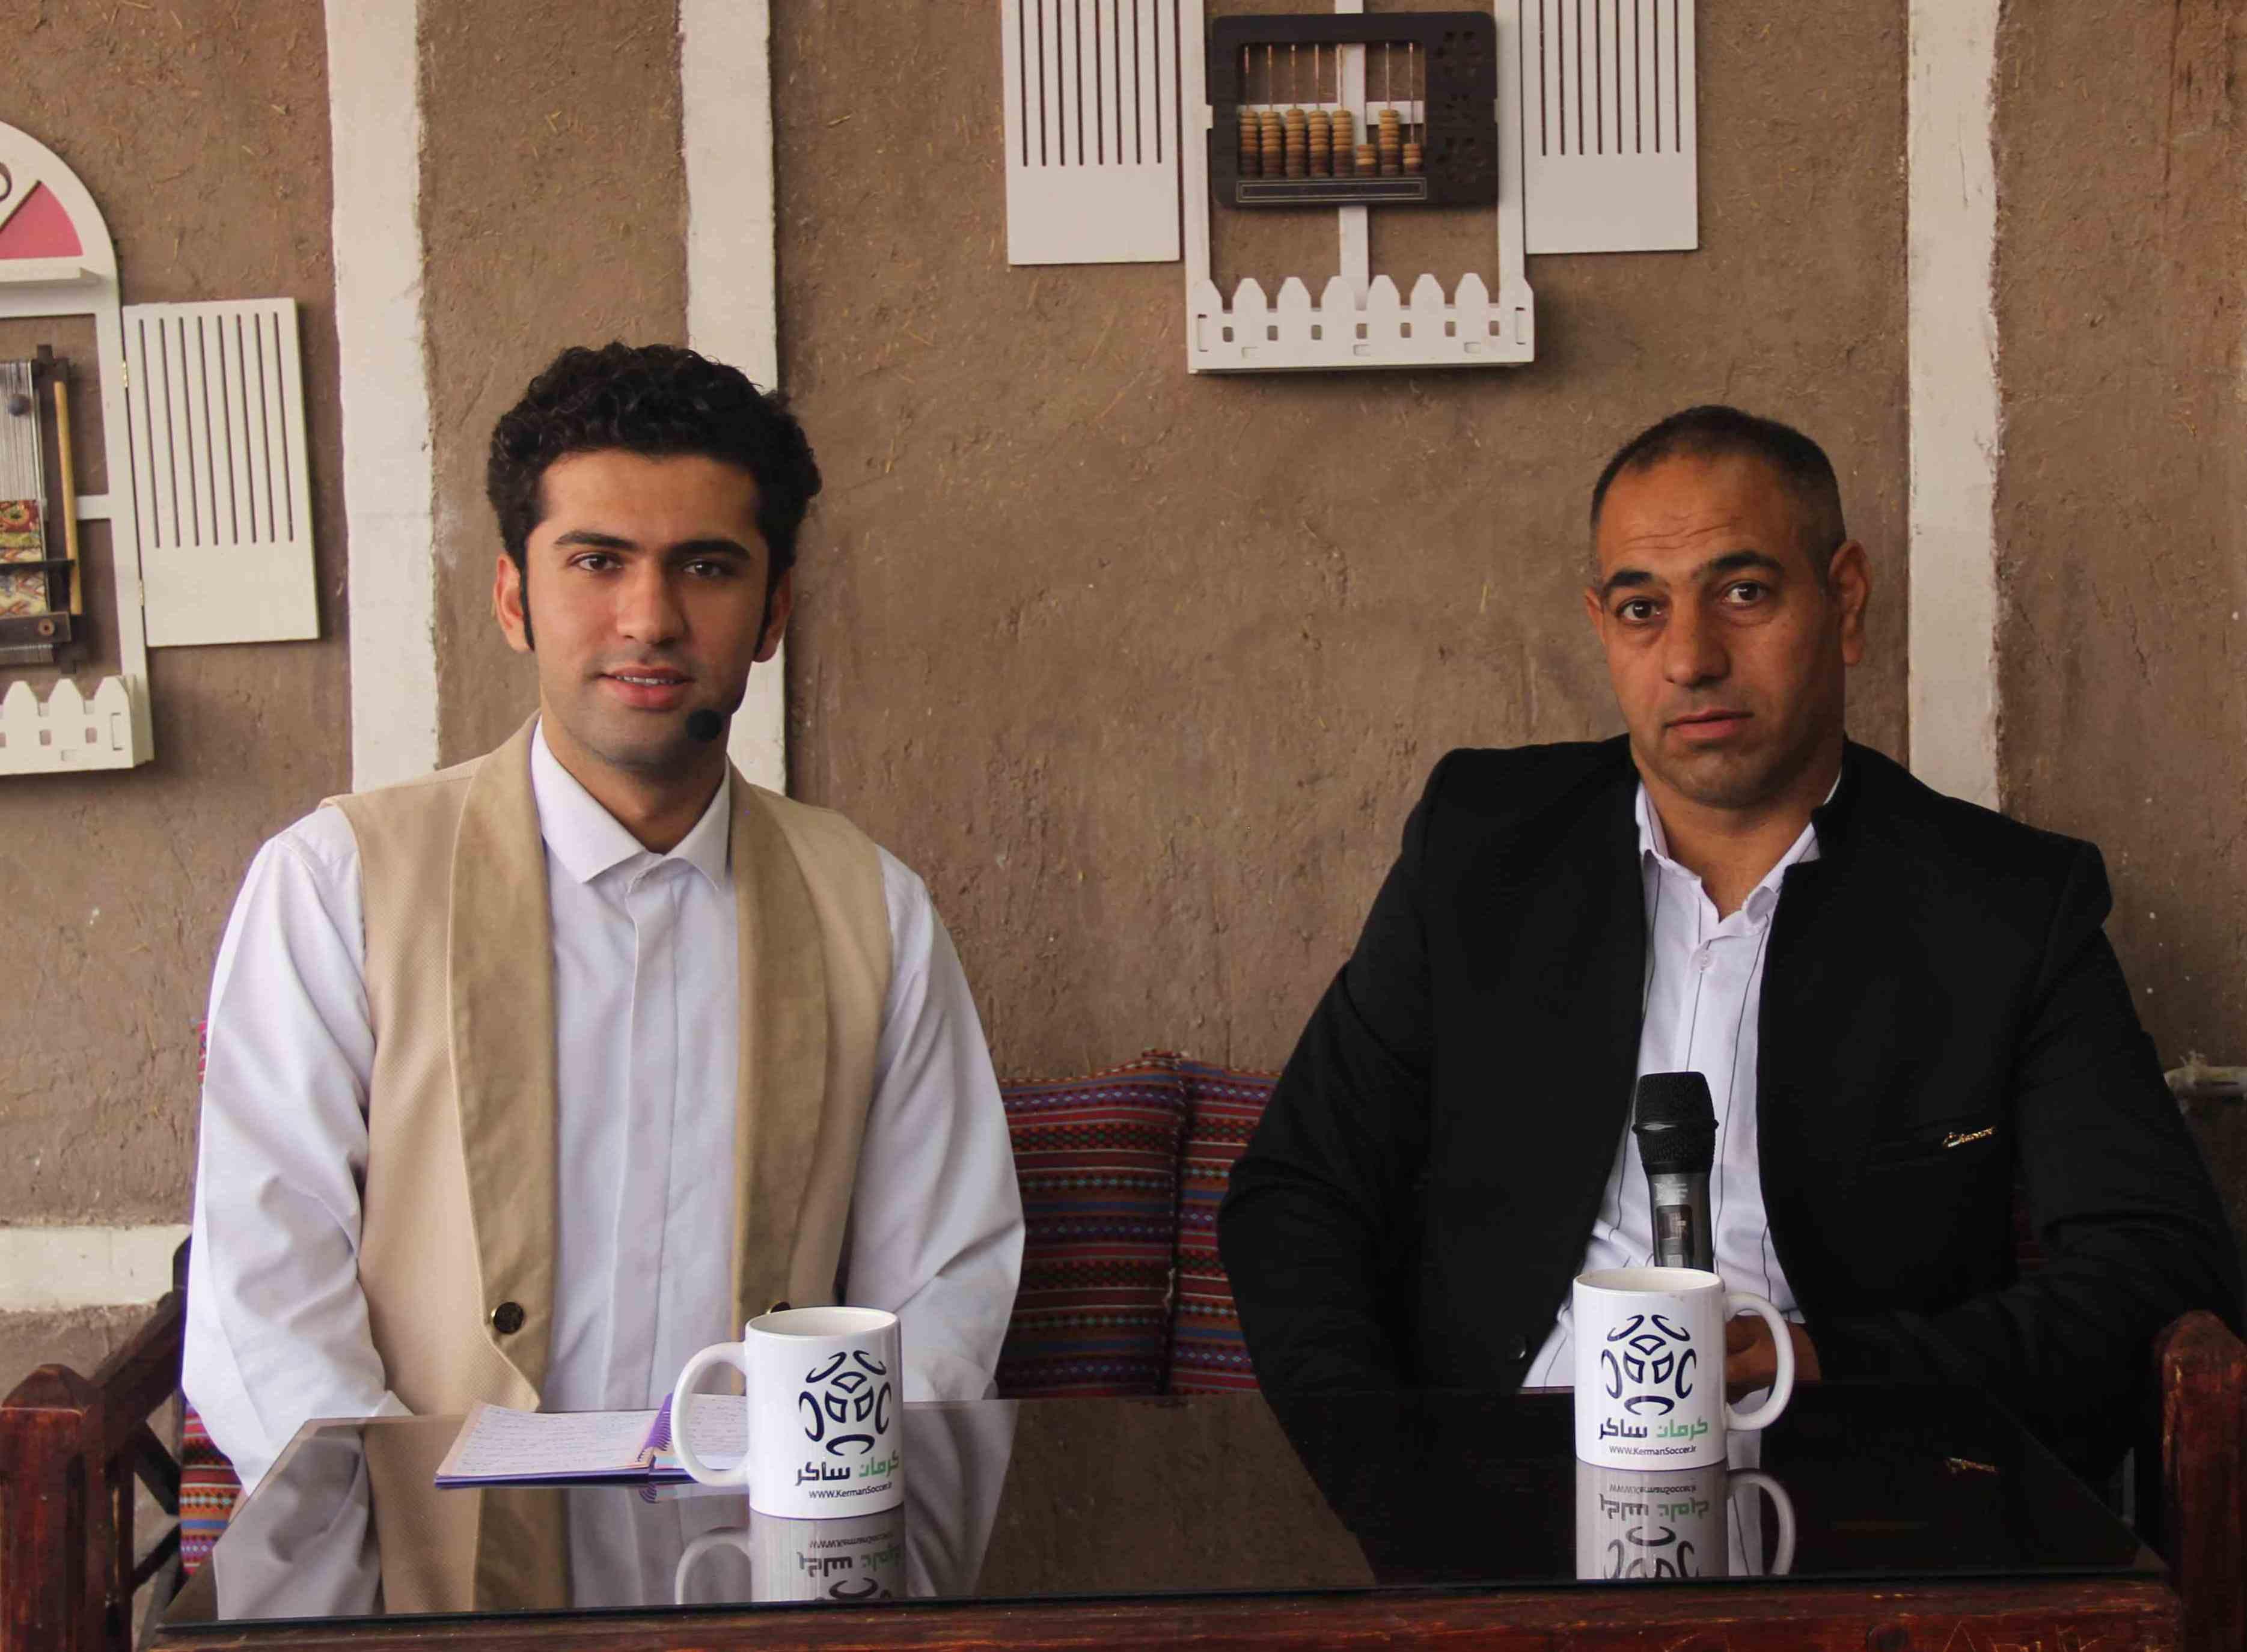 عیدانه فوتبالی/ گفتگوی جذاب کرمان ساکر با حسن هابیلی مربی موفق فوتسال استان